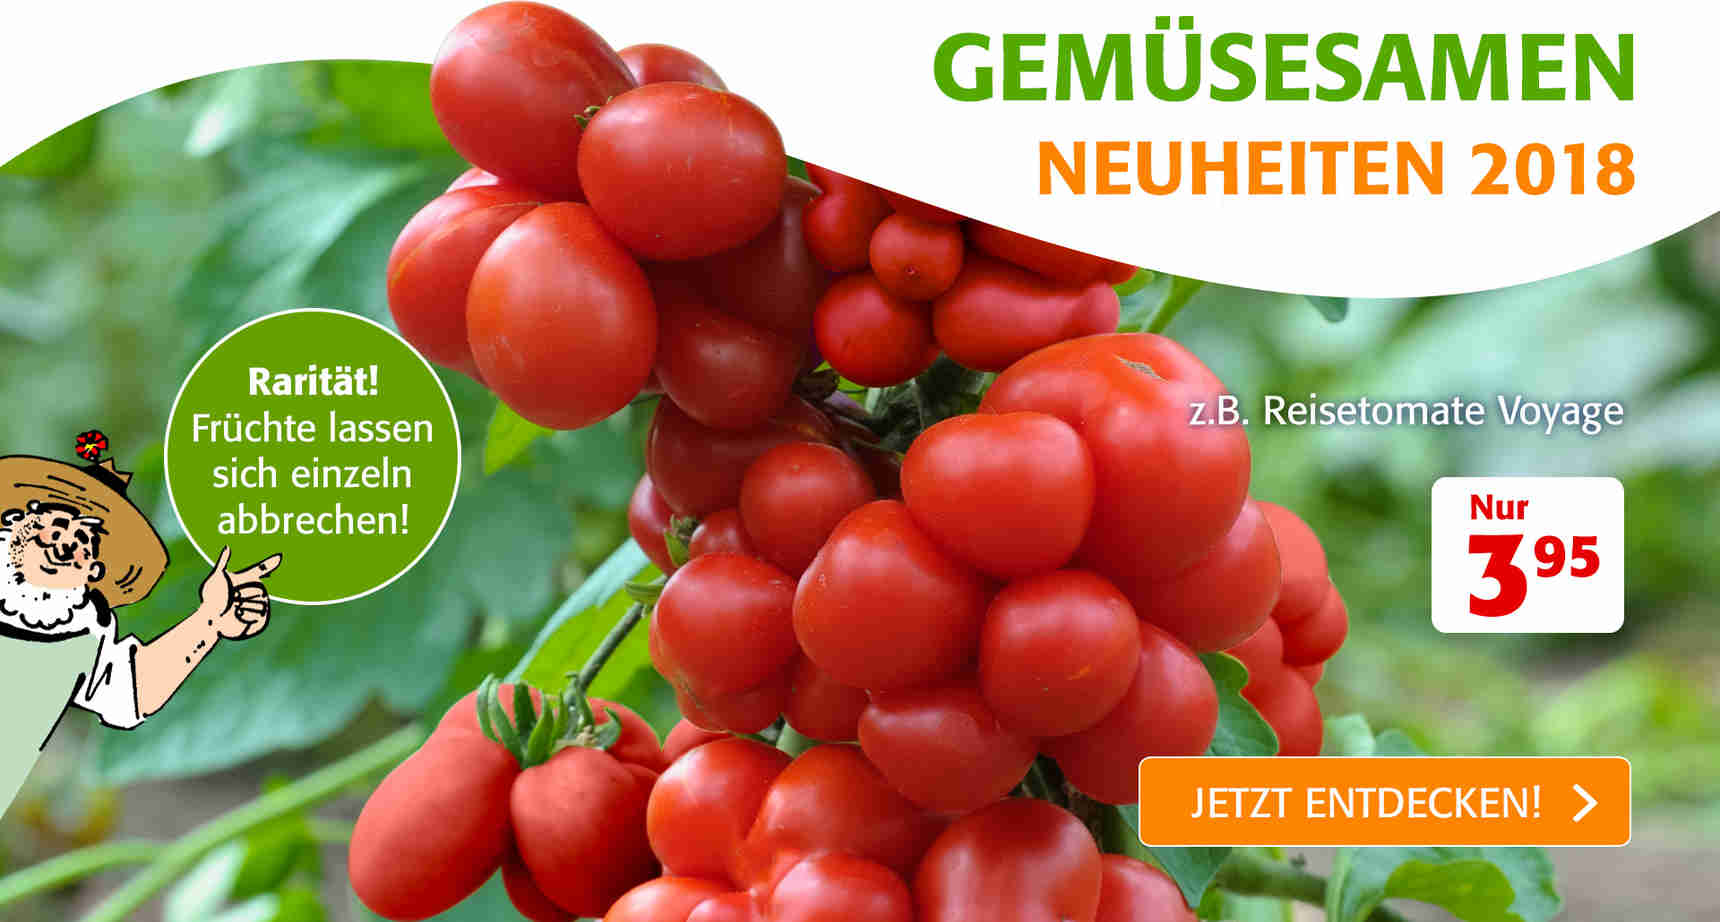 +++ (1) Gemüsesamen +++ - 1